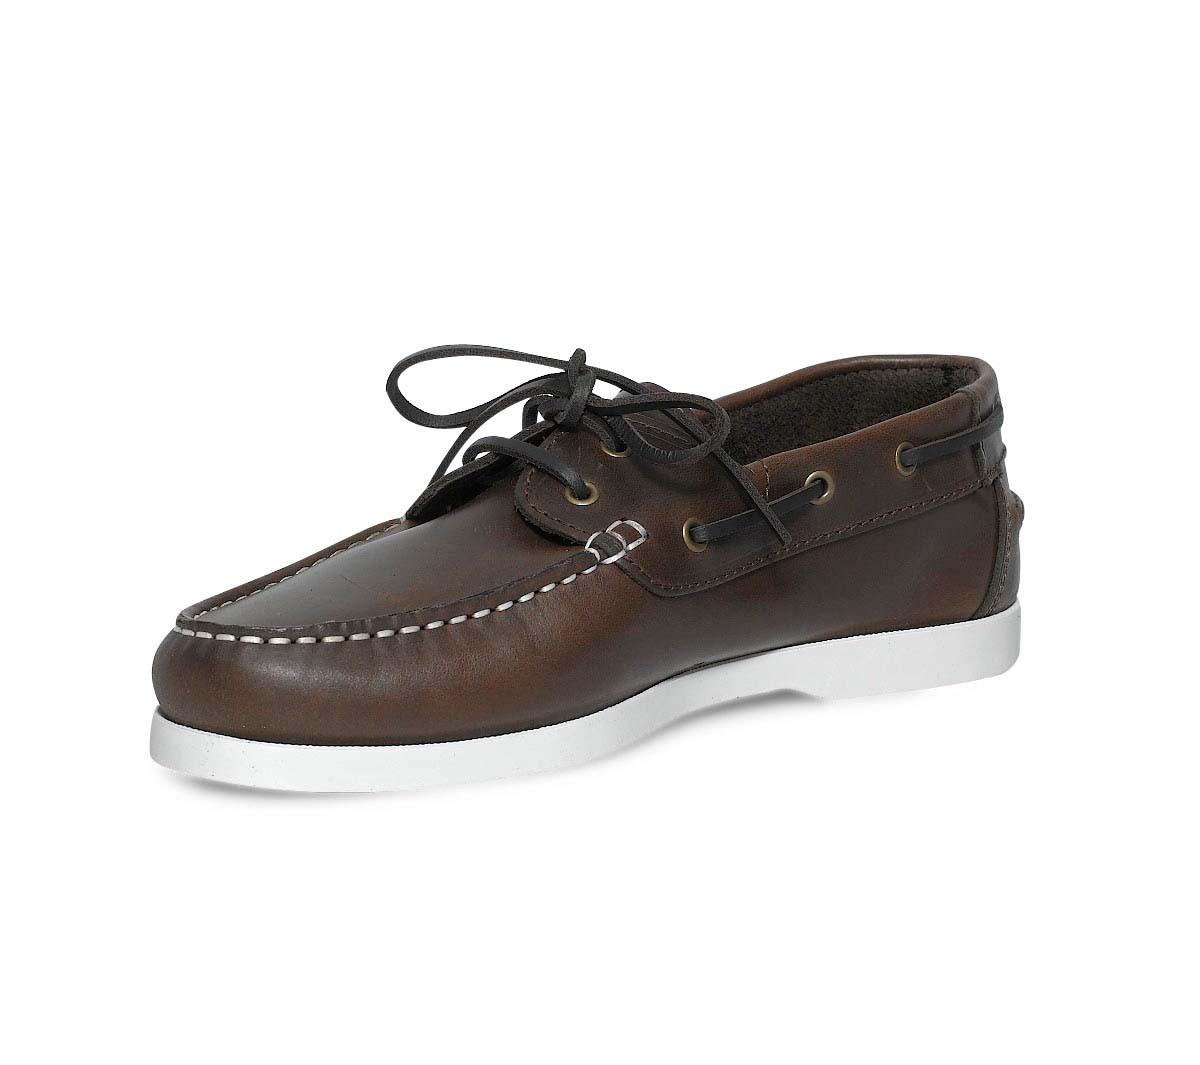 Des chaussures pour homme : pour quelle occasion ?